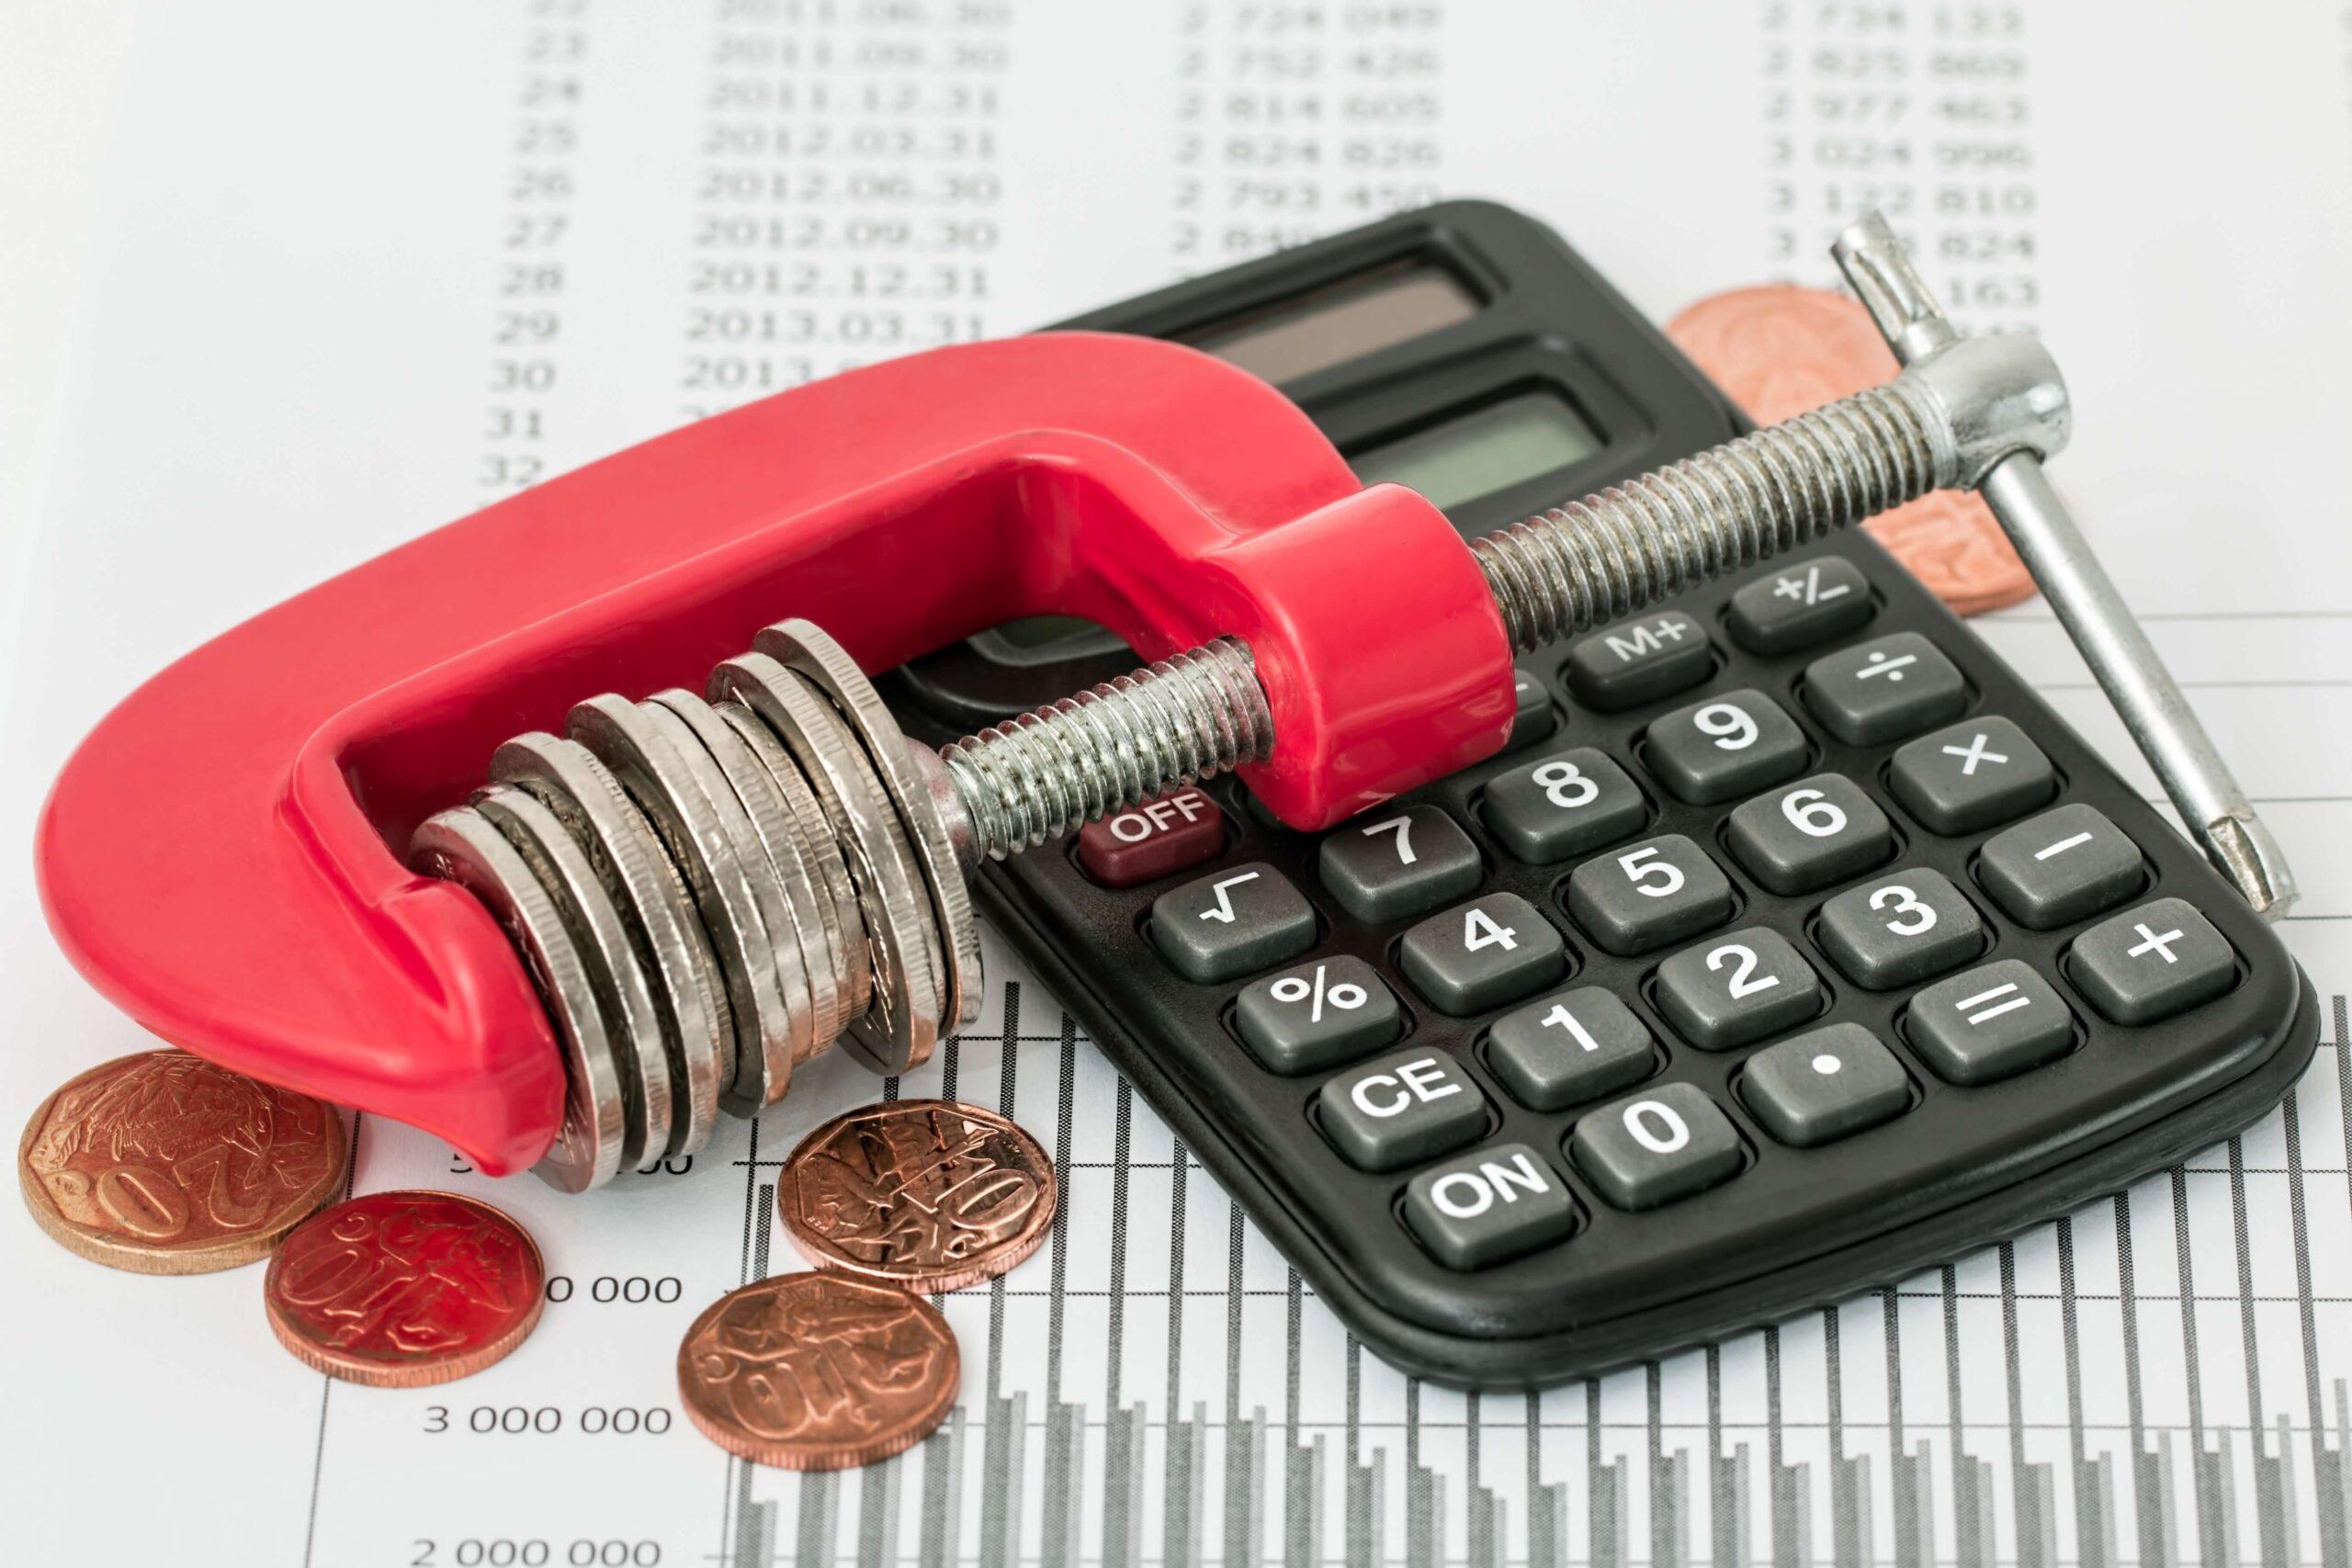 Vill du förnya ditt hem men har en begränsad budget?